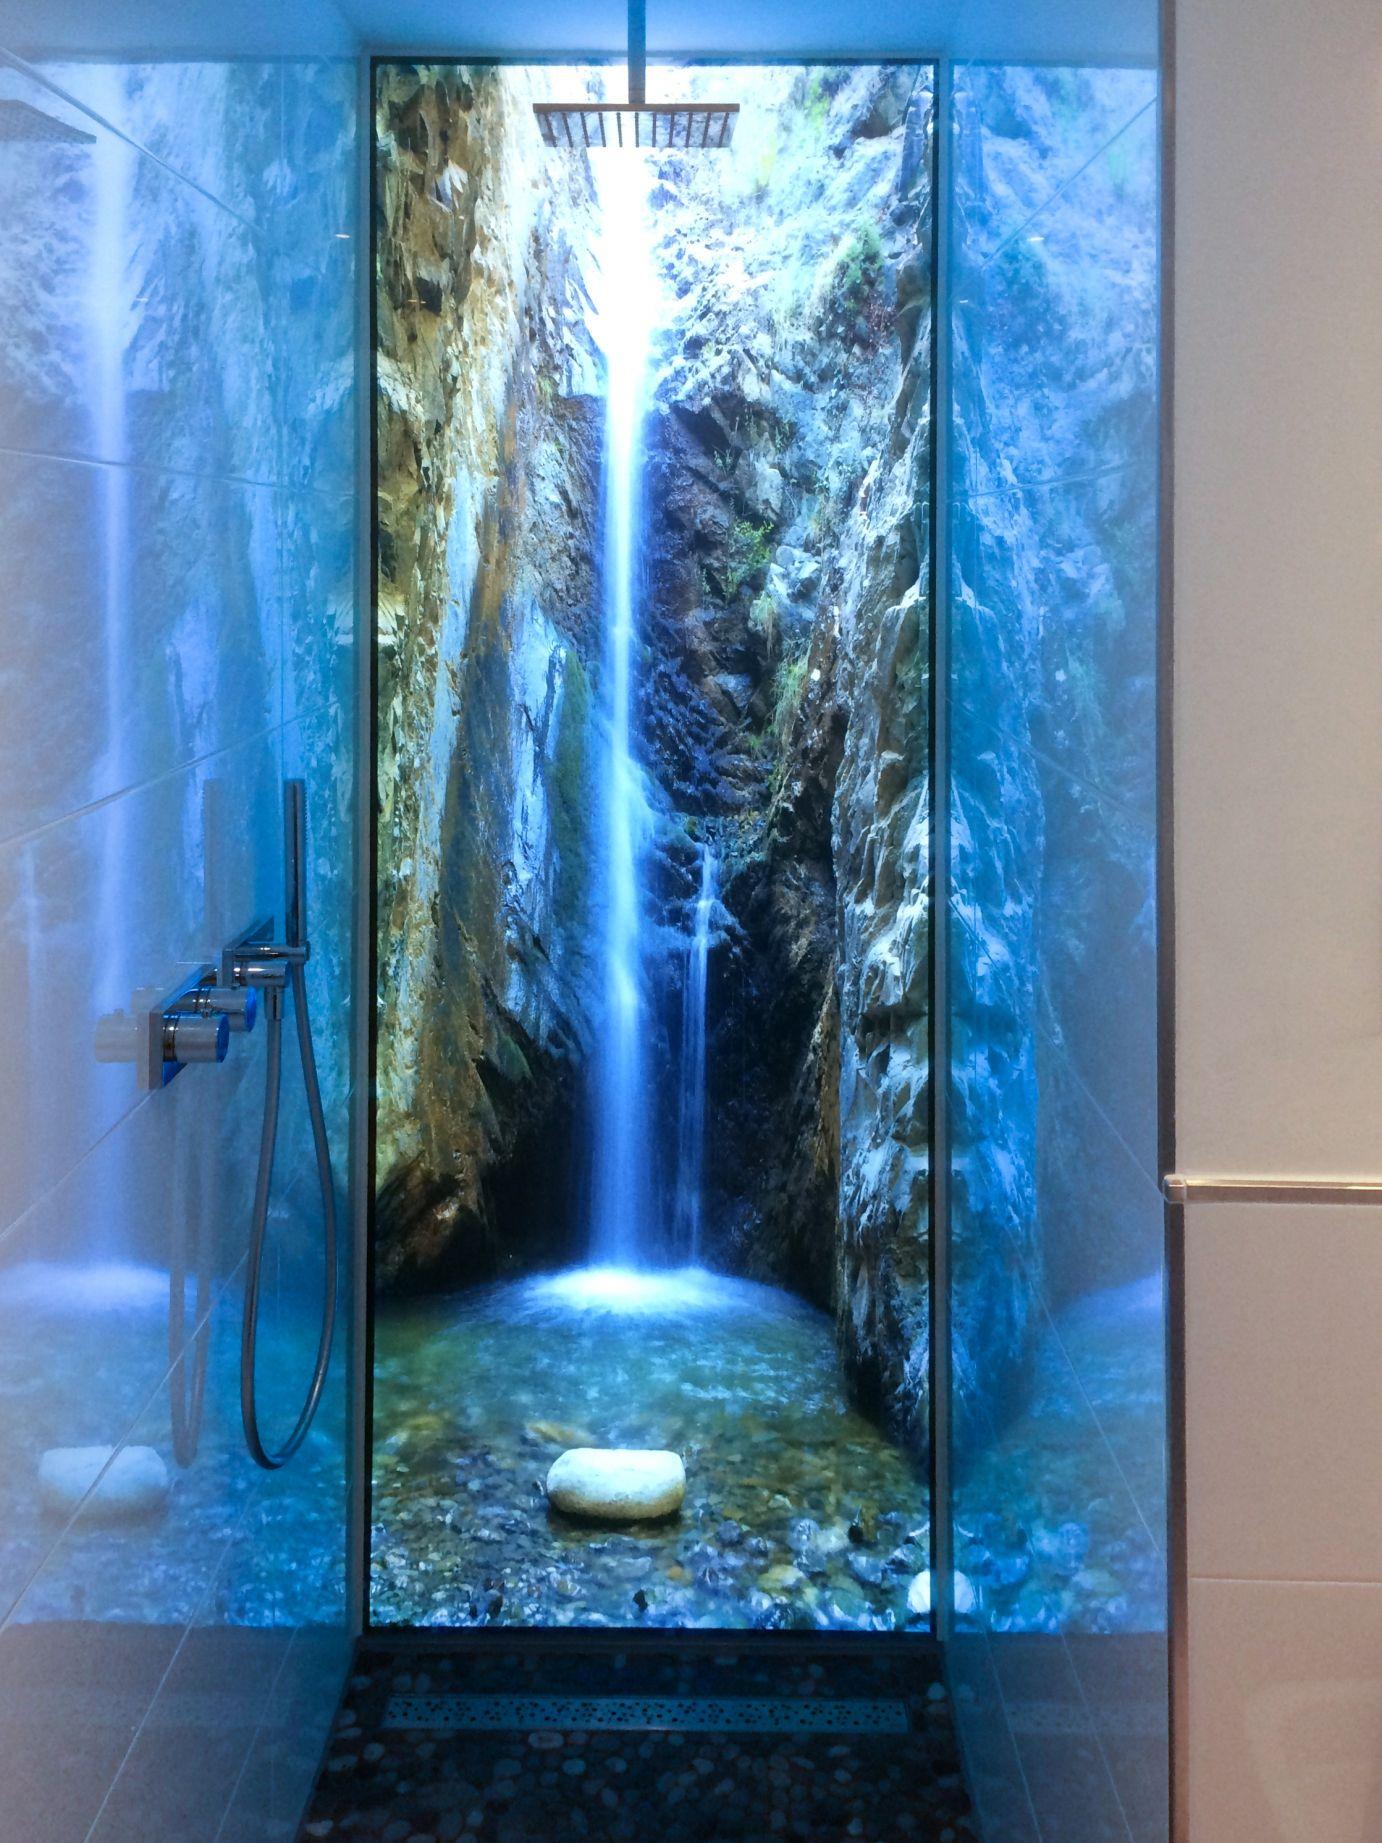 Duschruckwand Anwendung 3 Duschruckwand Wandgemalde Ideen Badezimmer